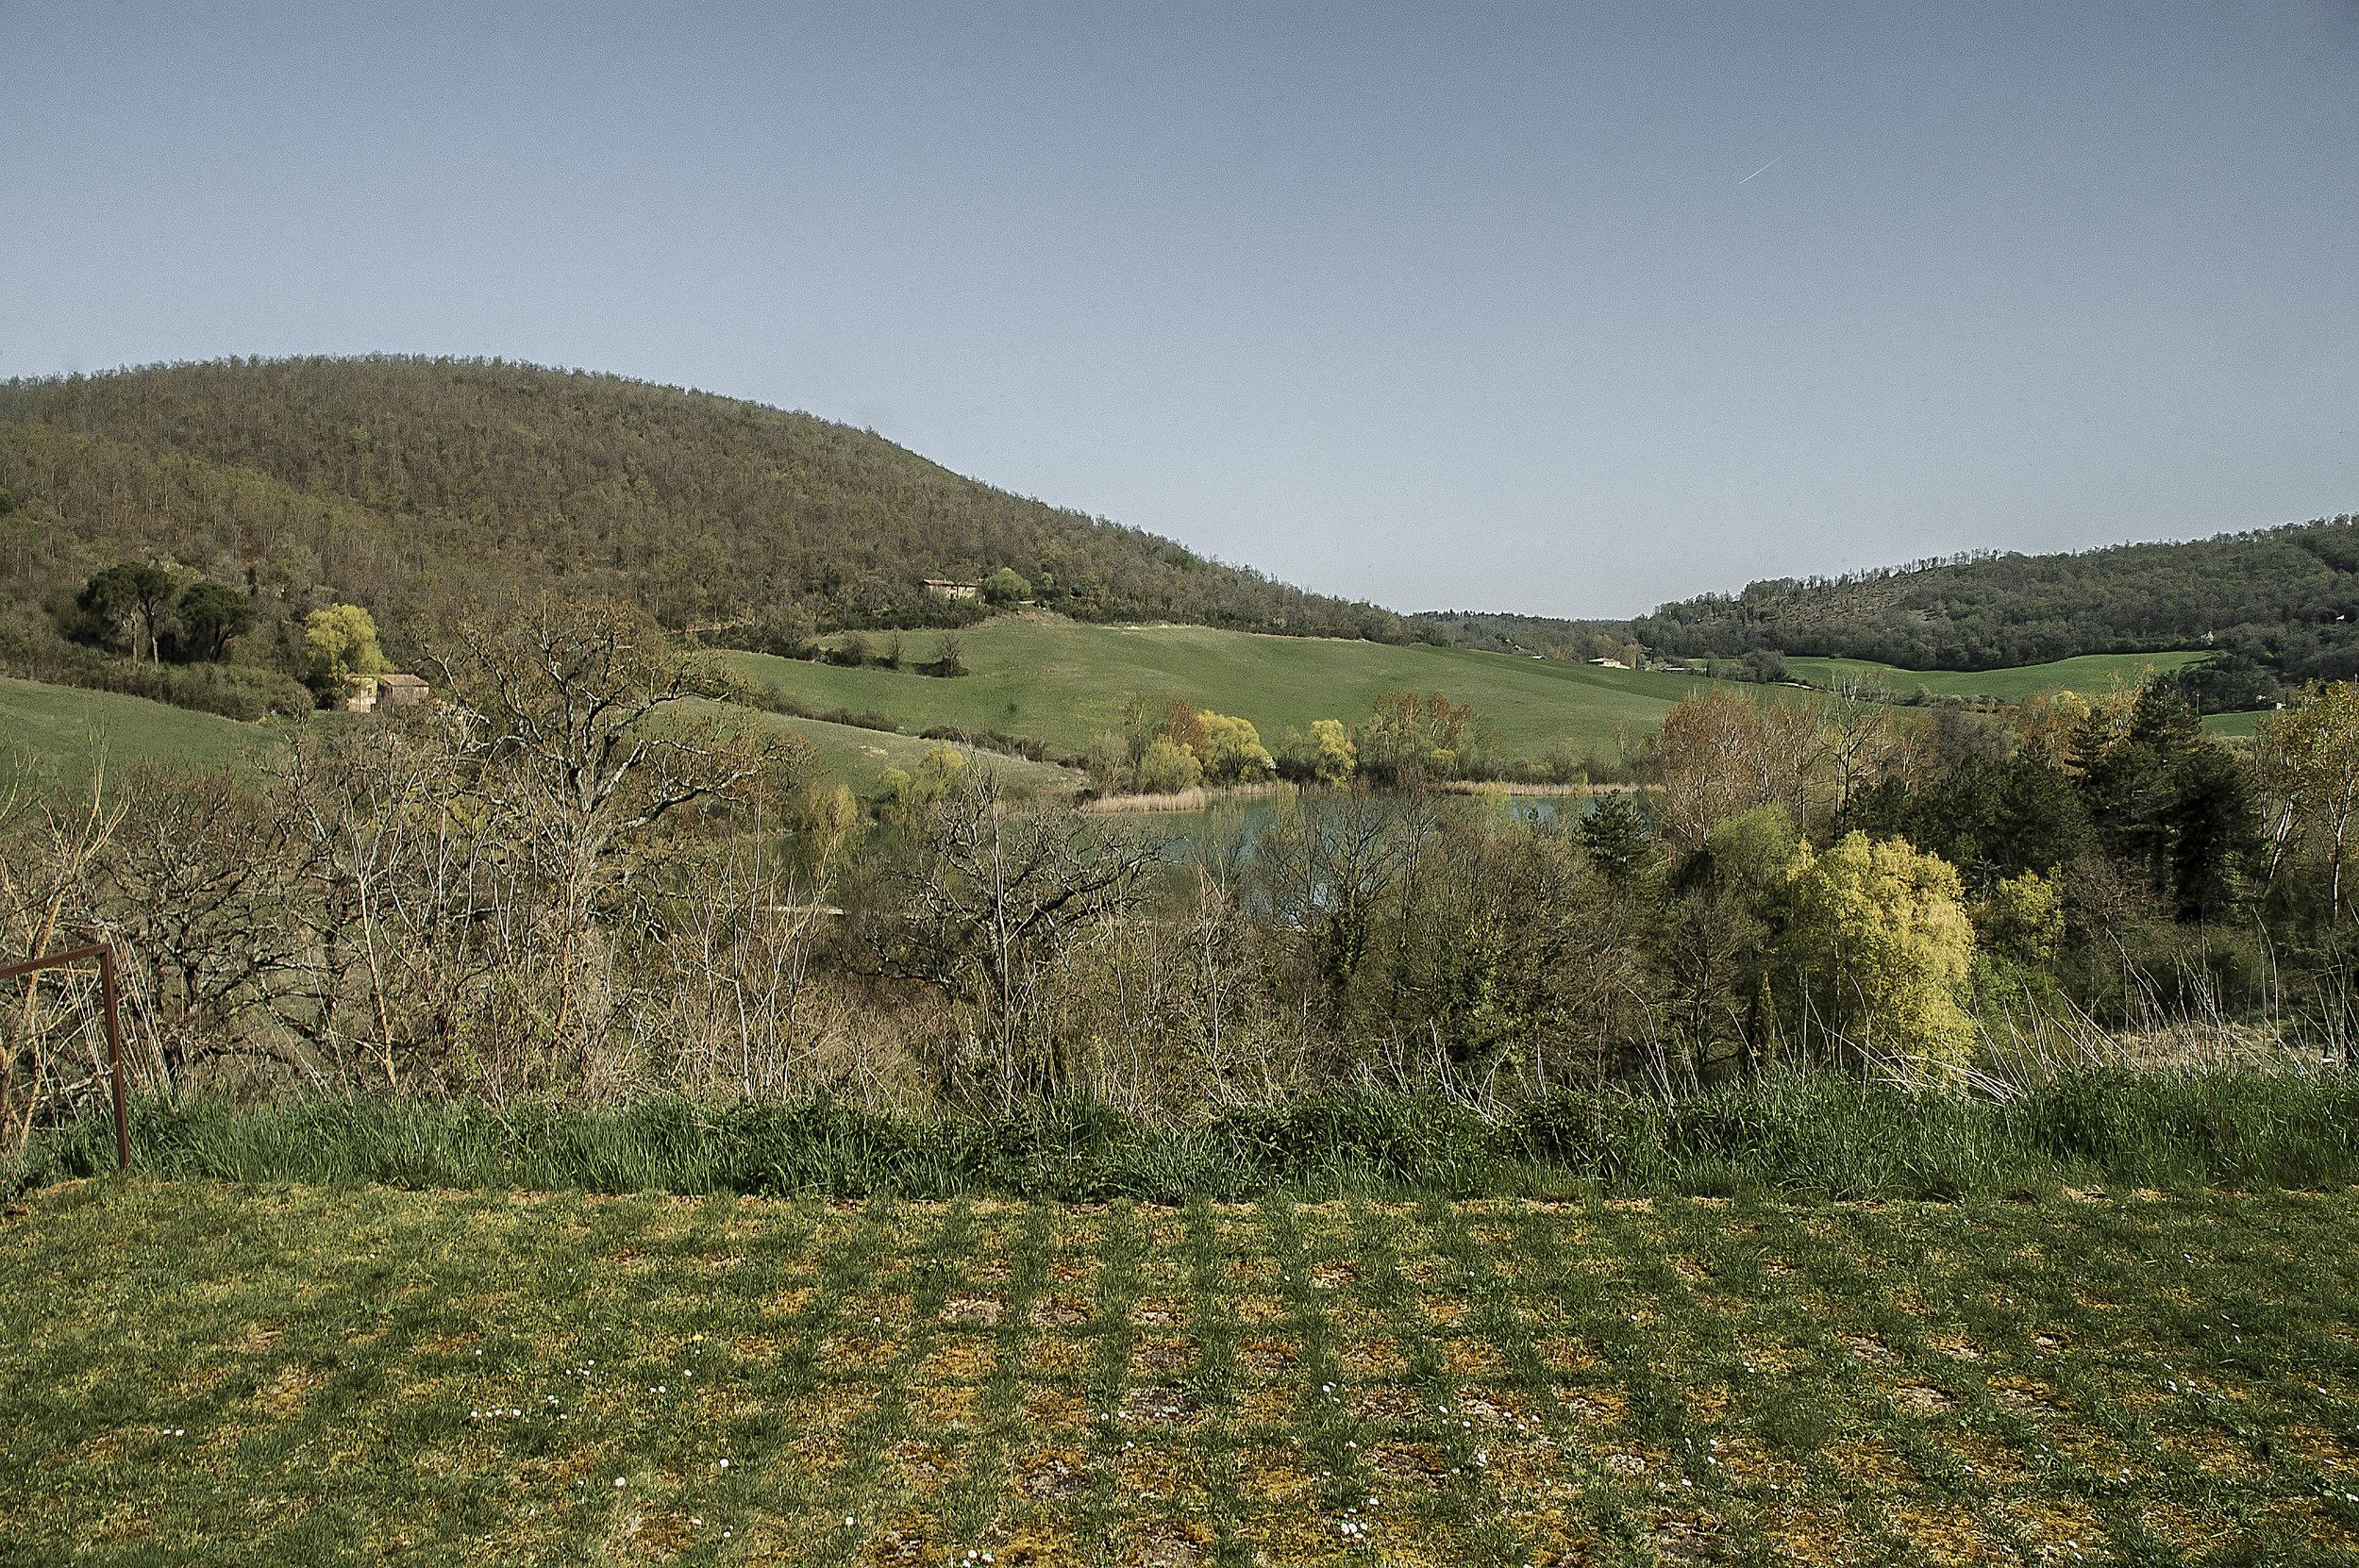 Abbazia landscape